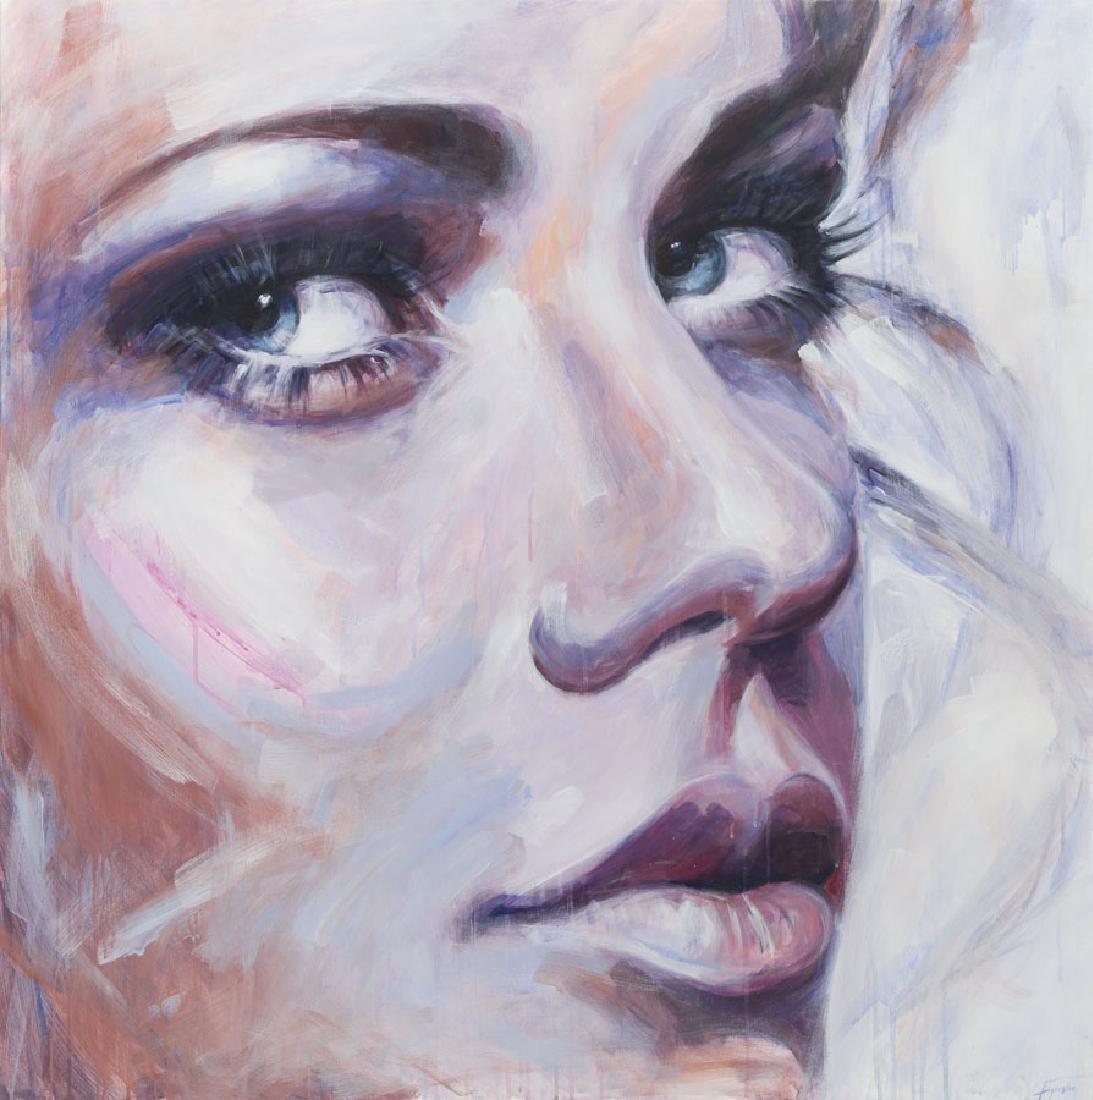 Agnieszka Figurska (b. 1971) Untitled, 2017, acrylic on